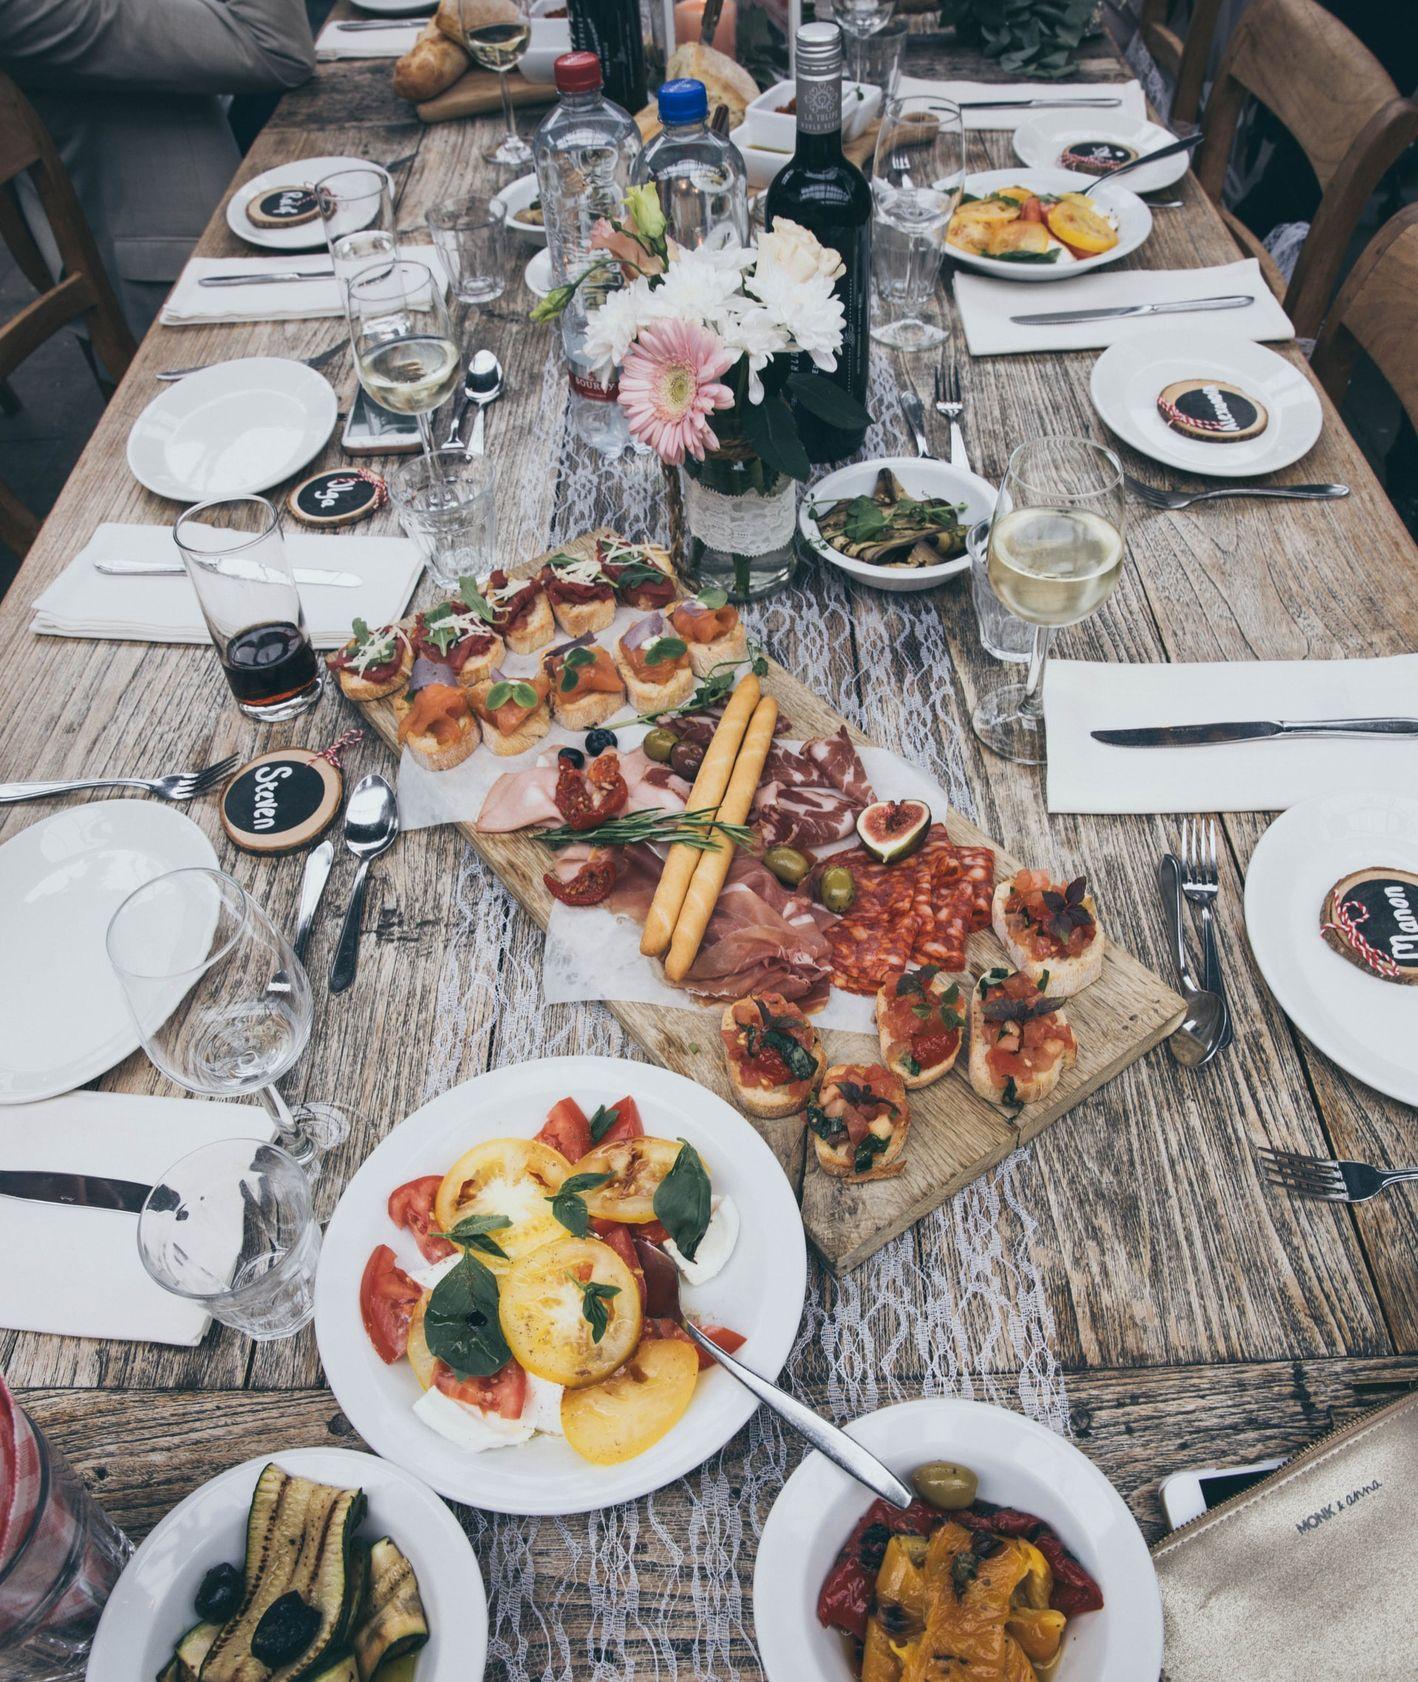 Stół z jedzeniem (fot. Stella de Smit / unsplash.com)